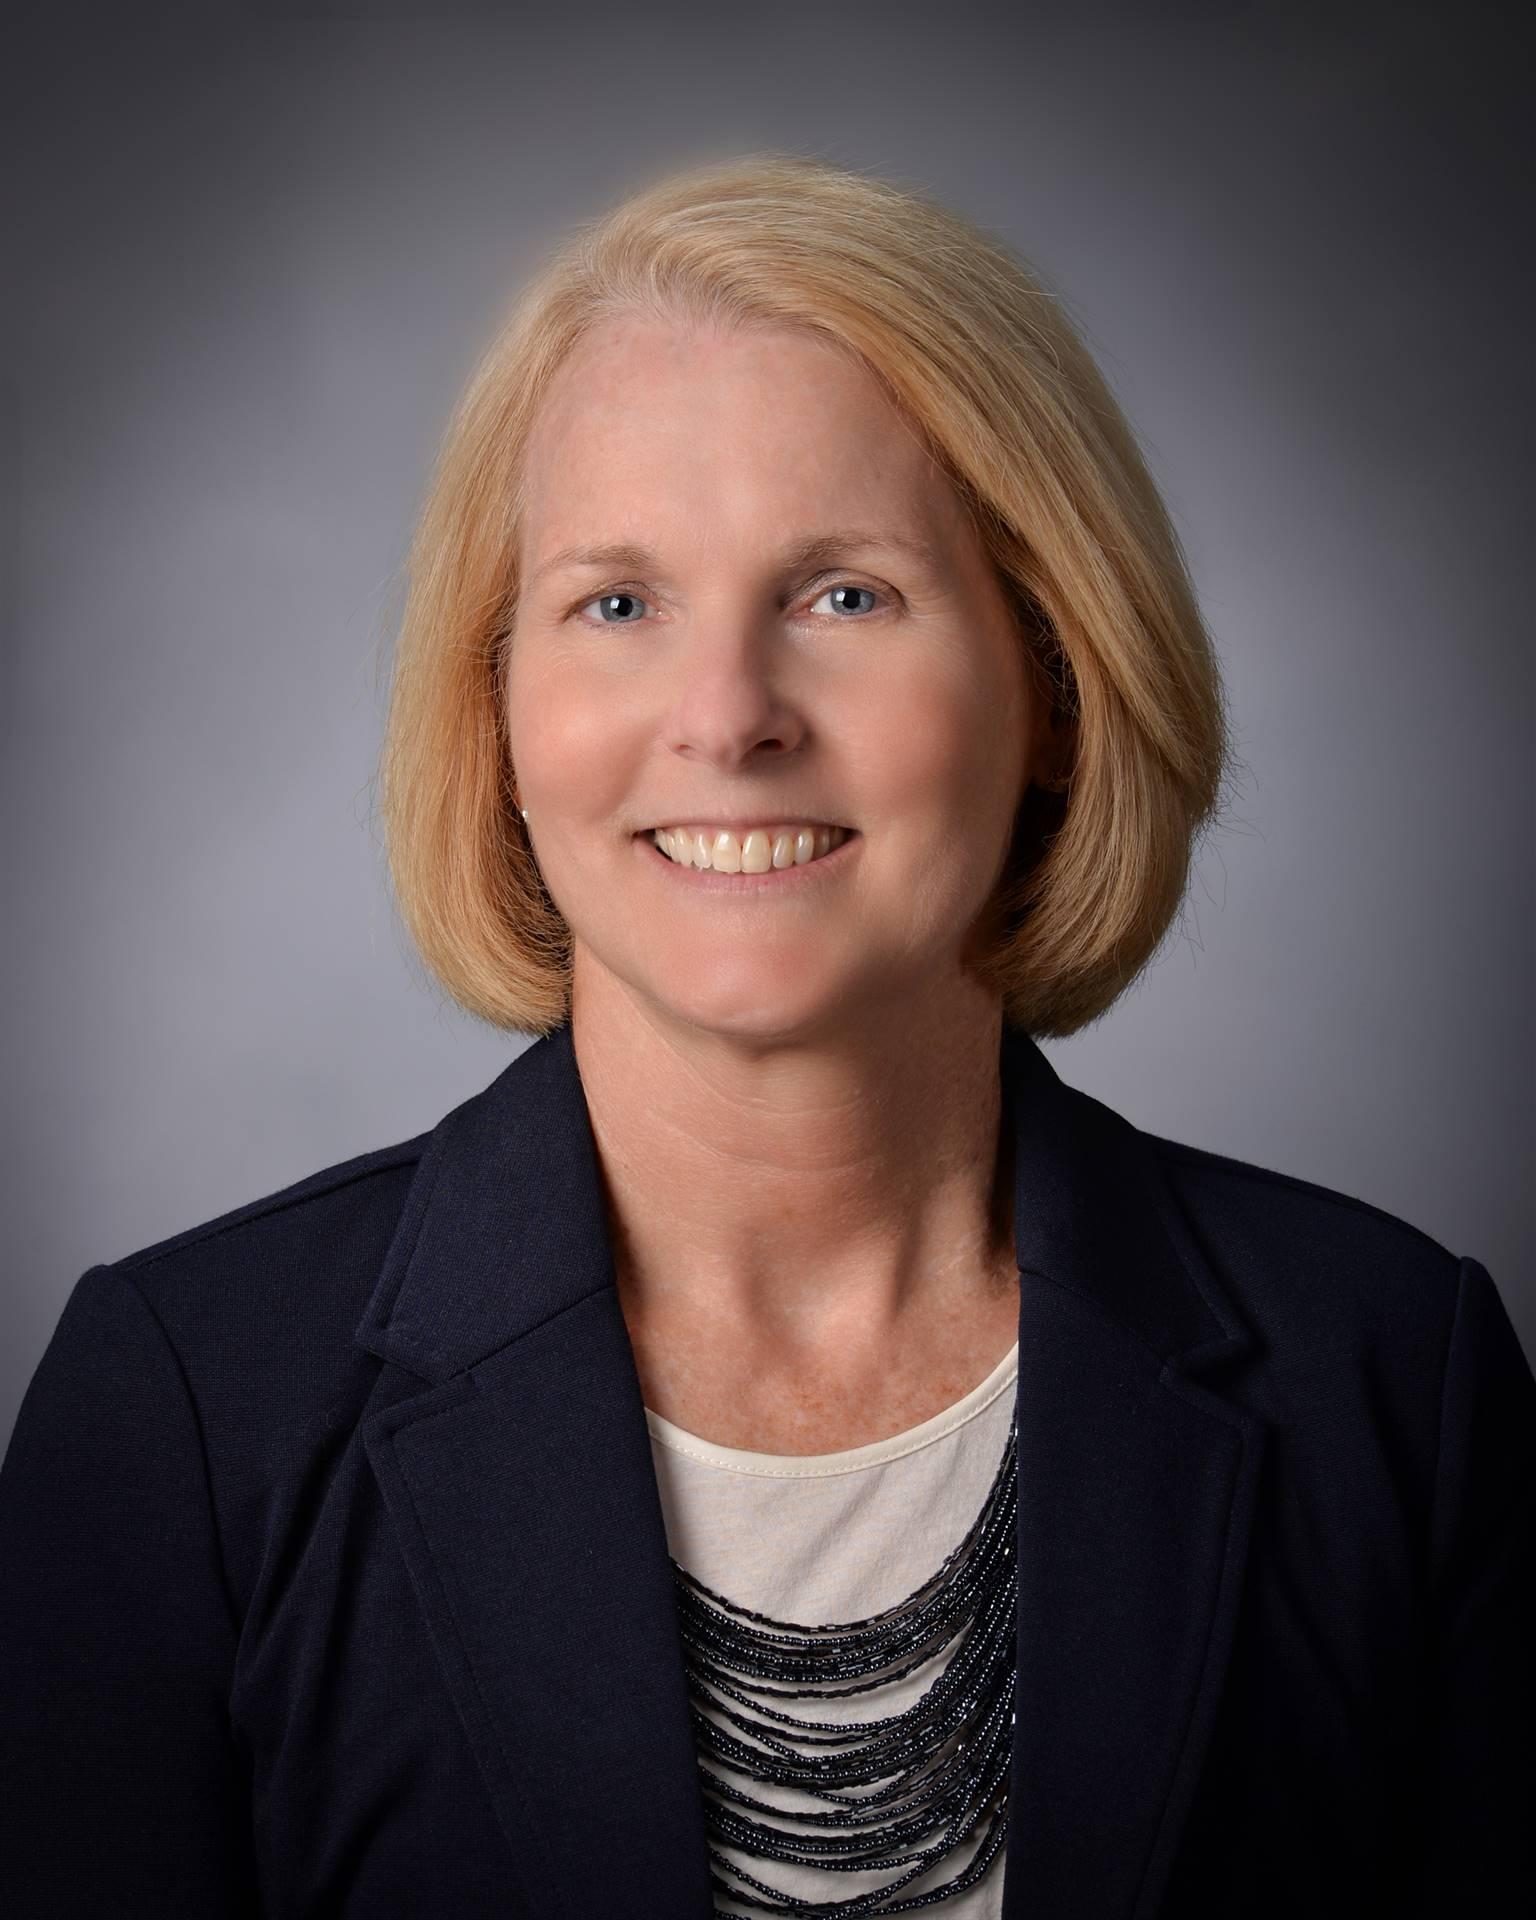 Julie Brinkman